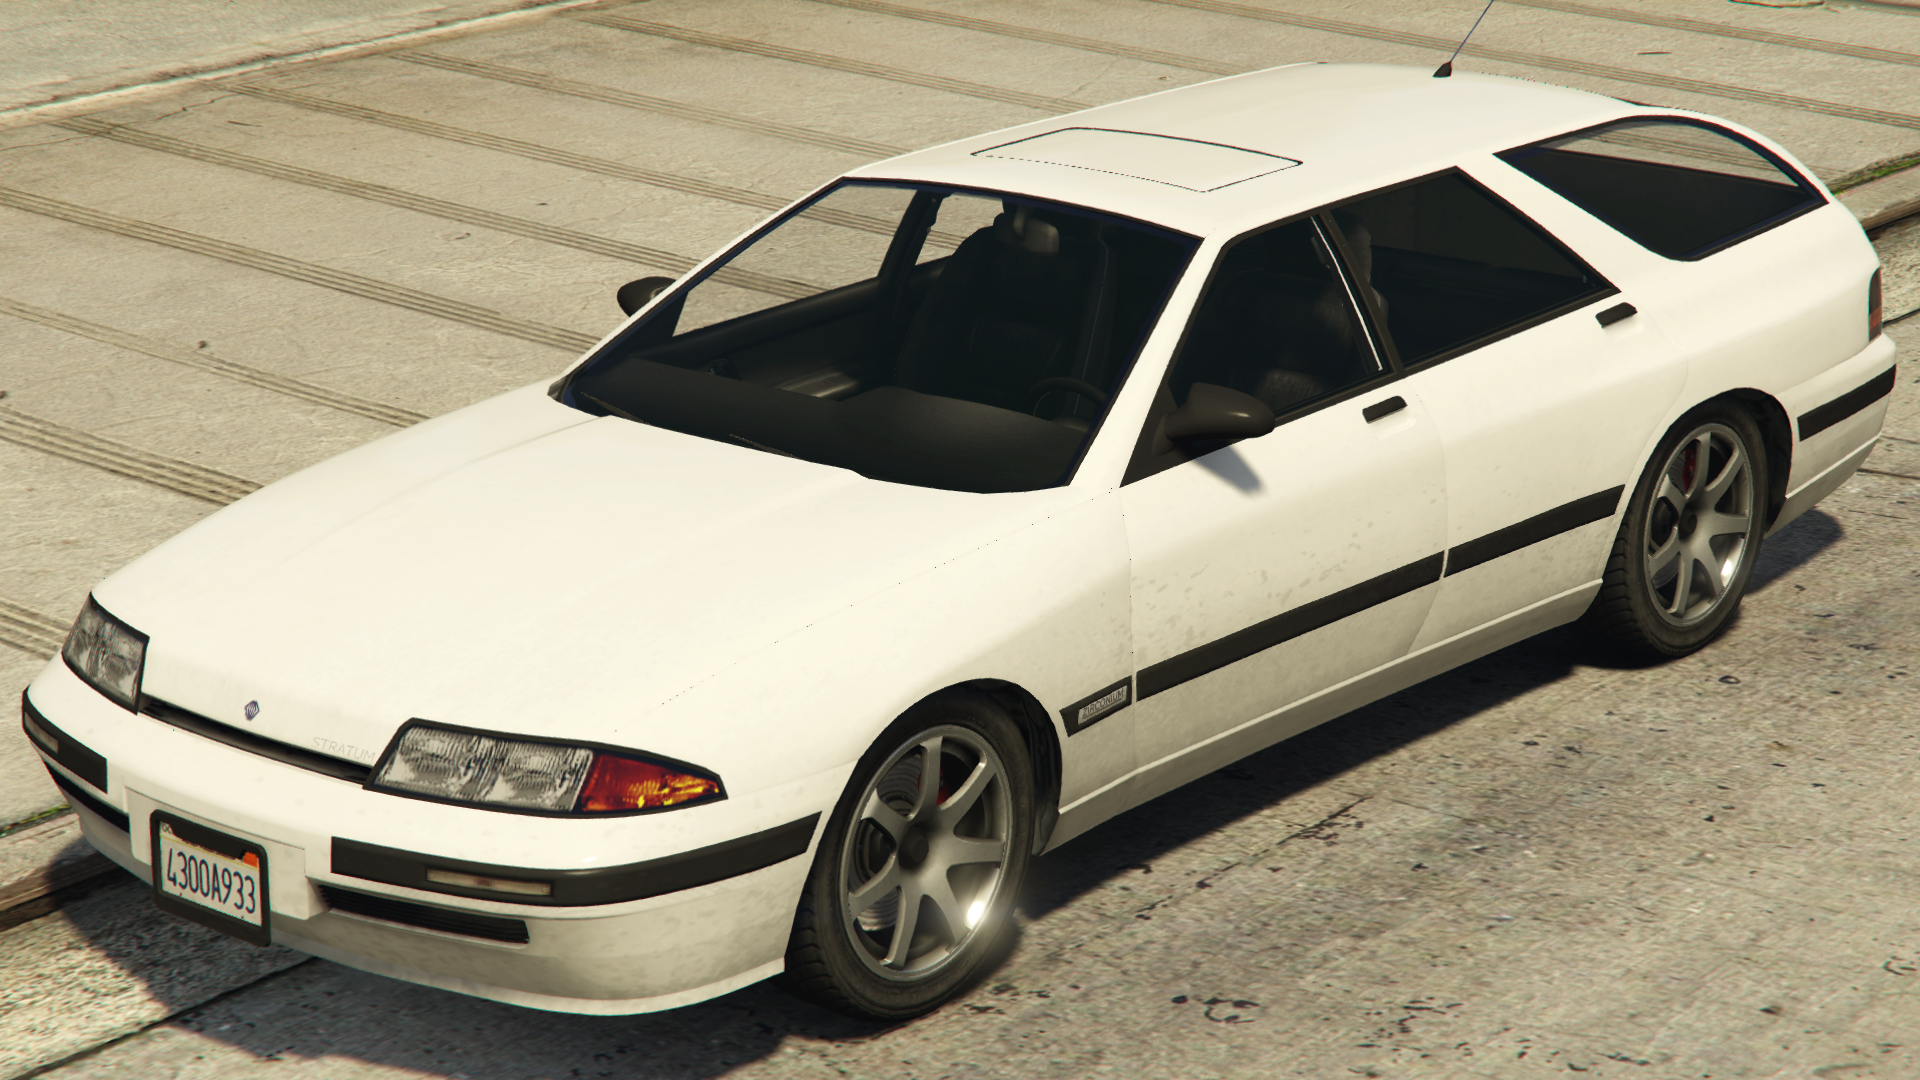 Image cj gtav transparent png gta wiki the grand theft auto wiki - Stratum A Stratum In Grand Theft Auto